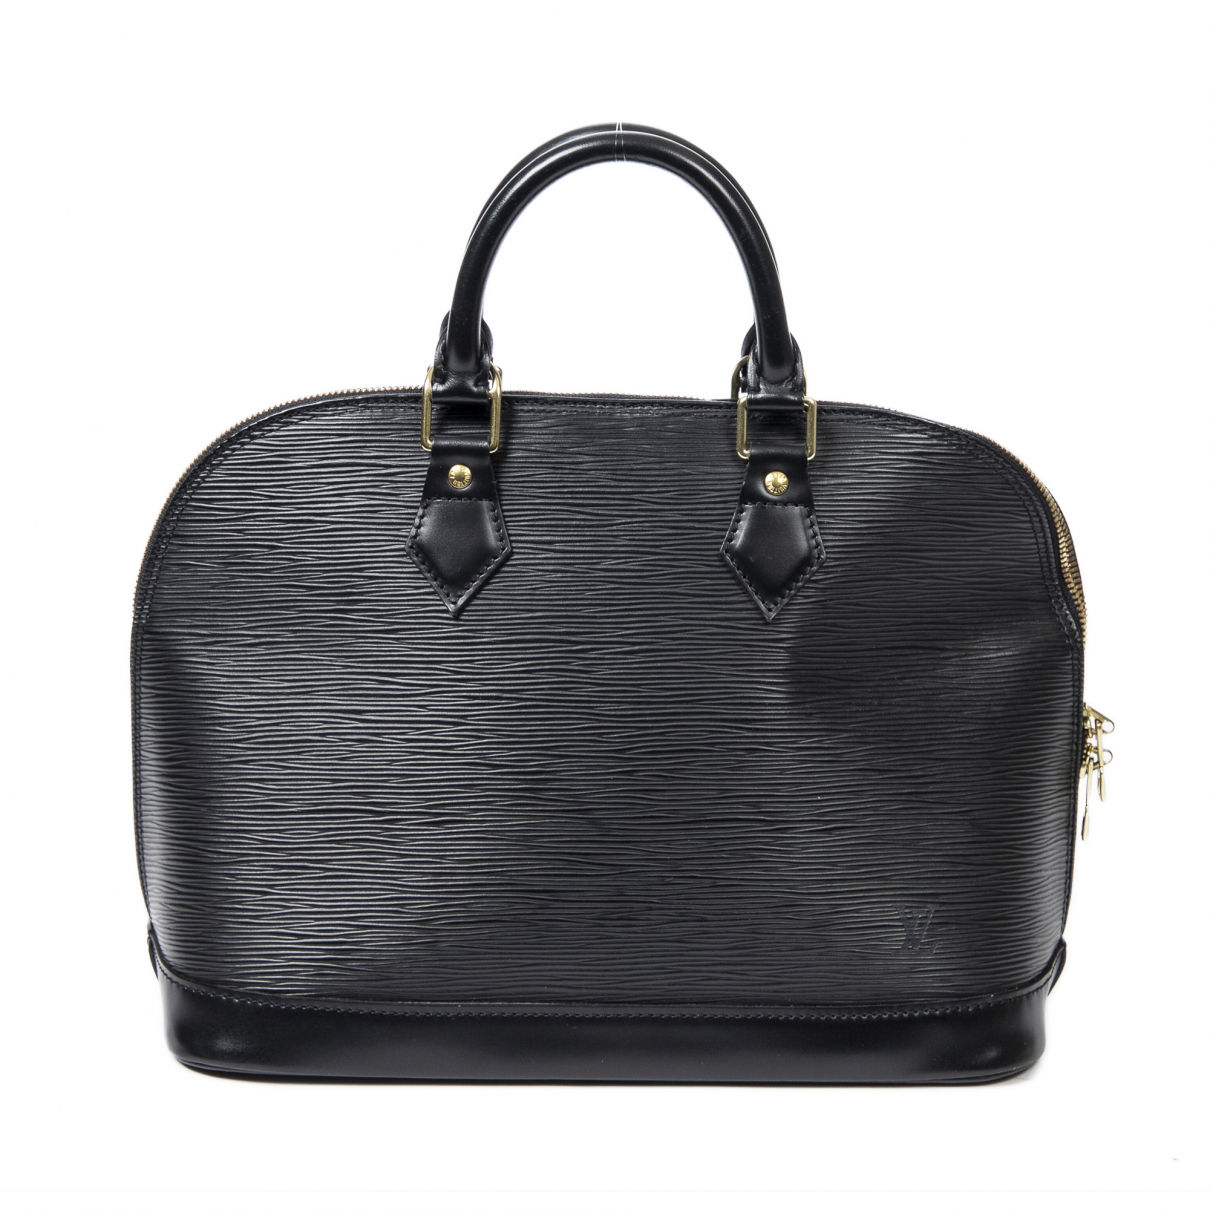 Louis Vuitton - Sac a main Alma pour femme en cuir - noir